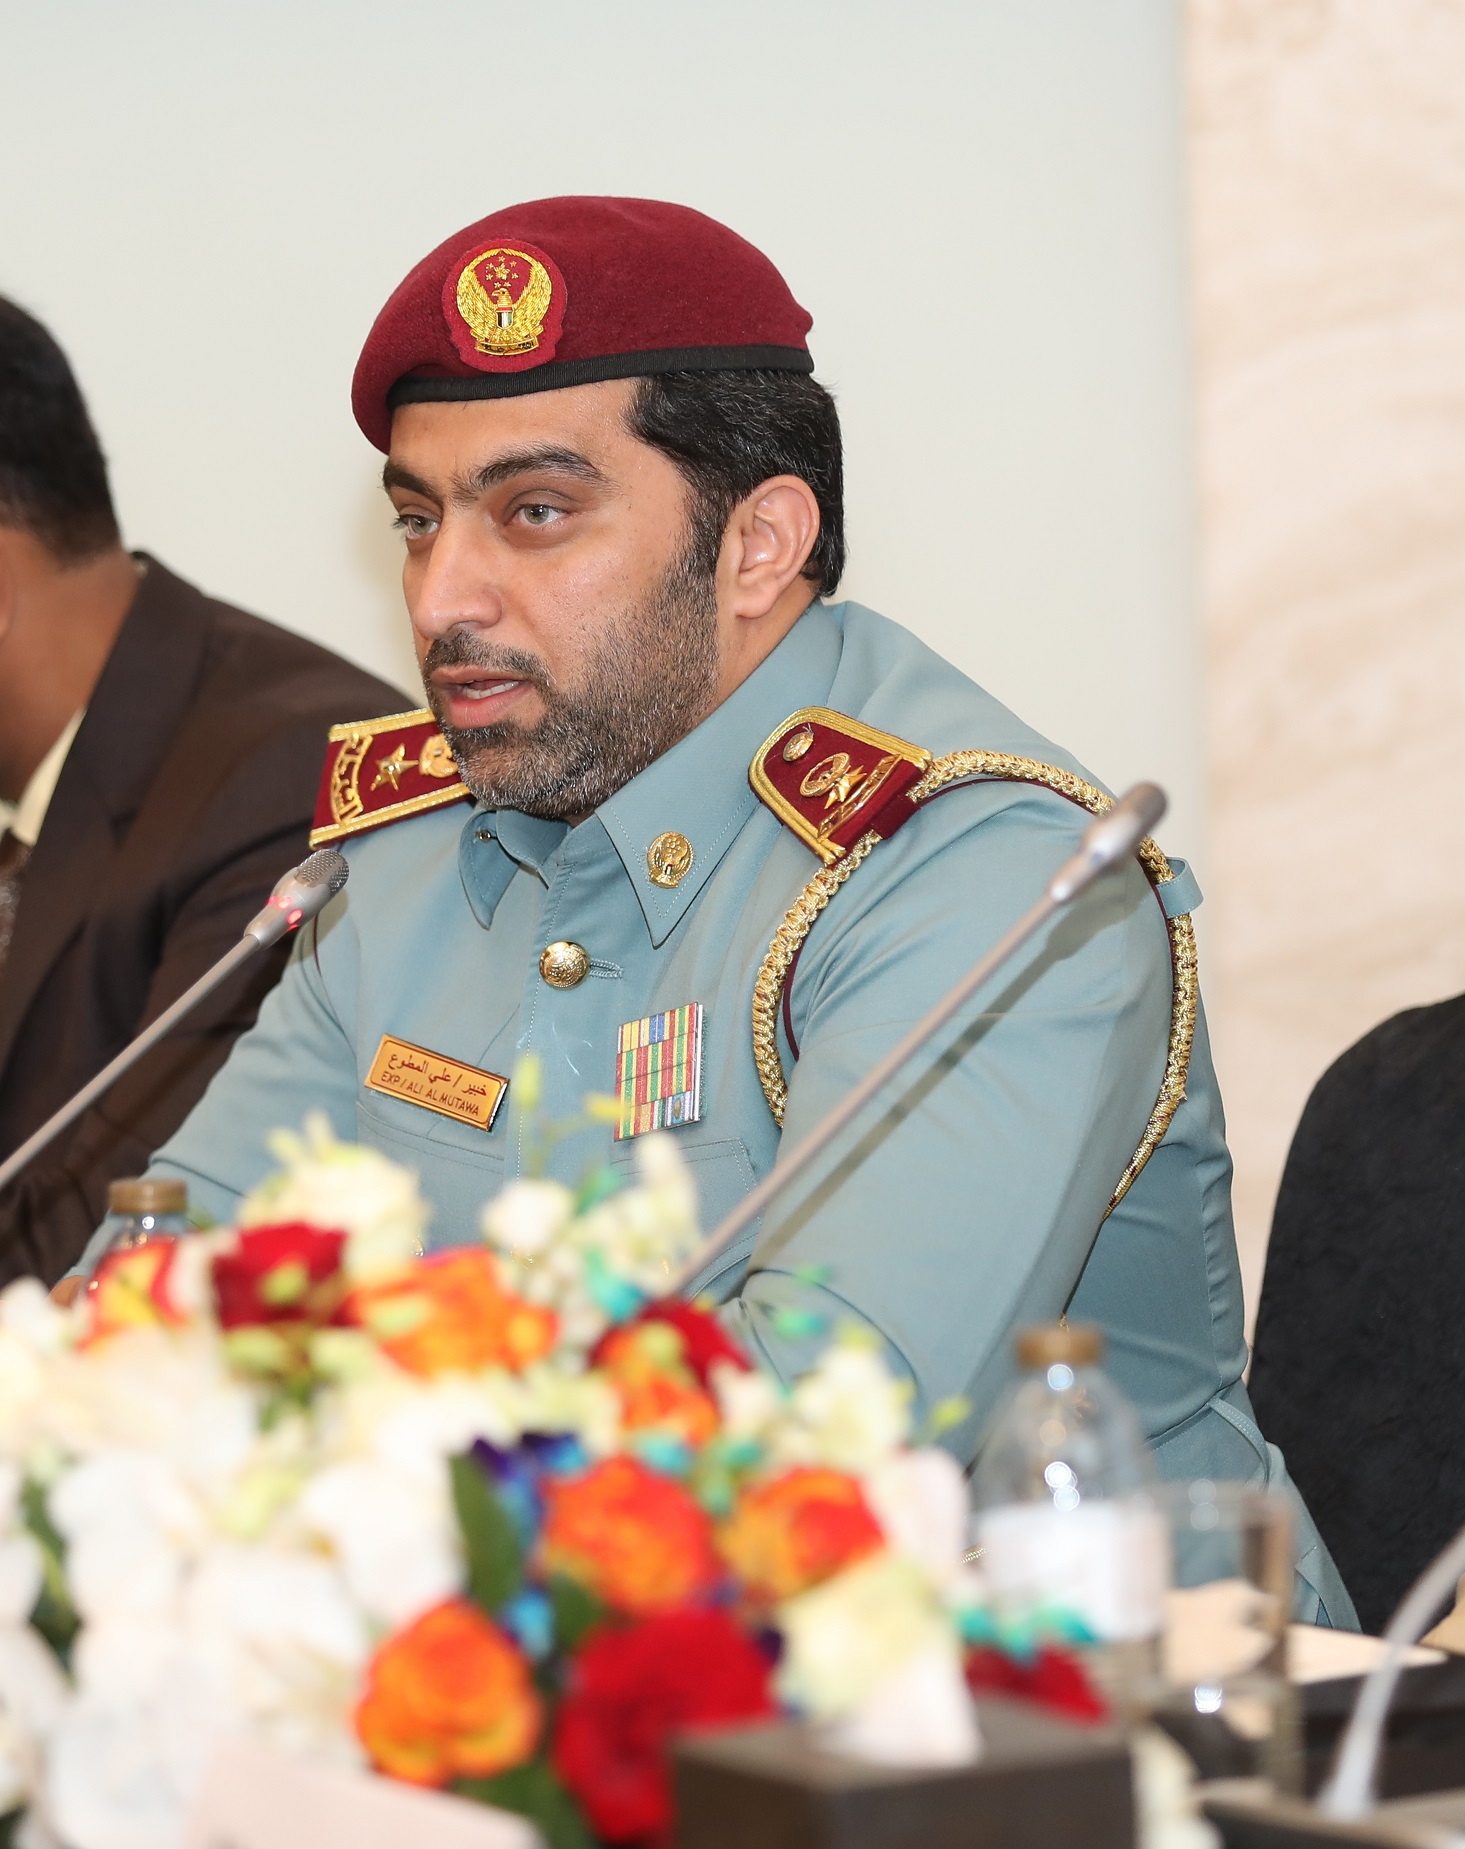 Lt. Col. Ali Al Mutawa